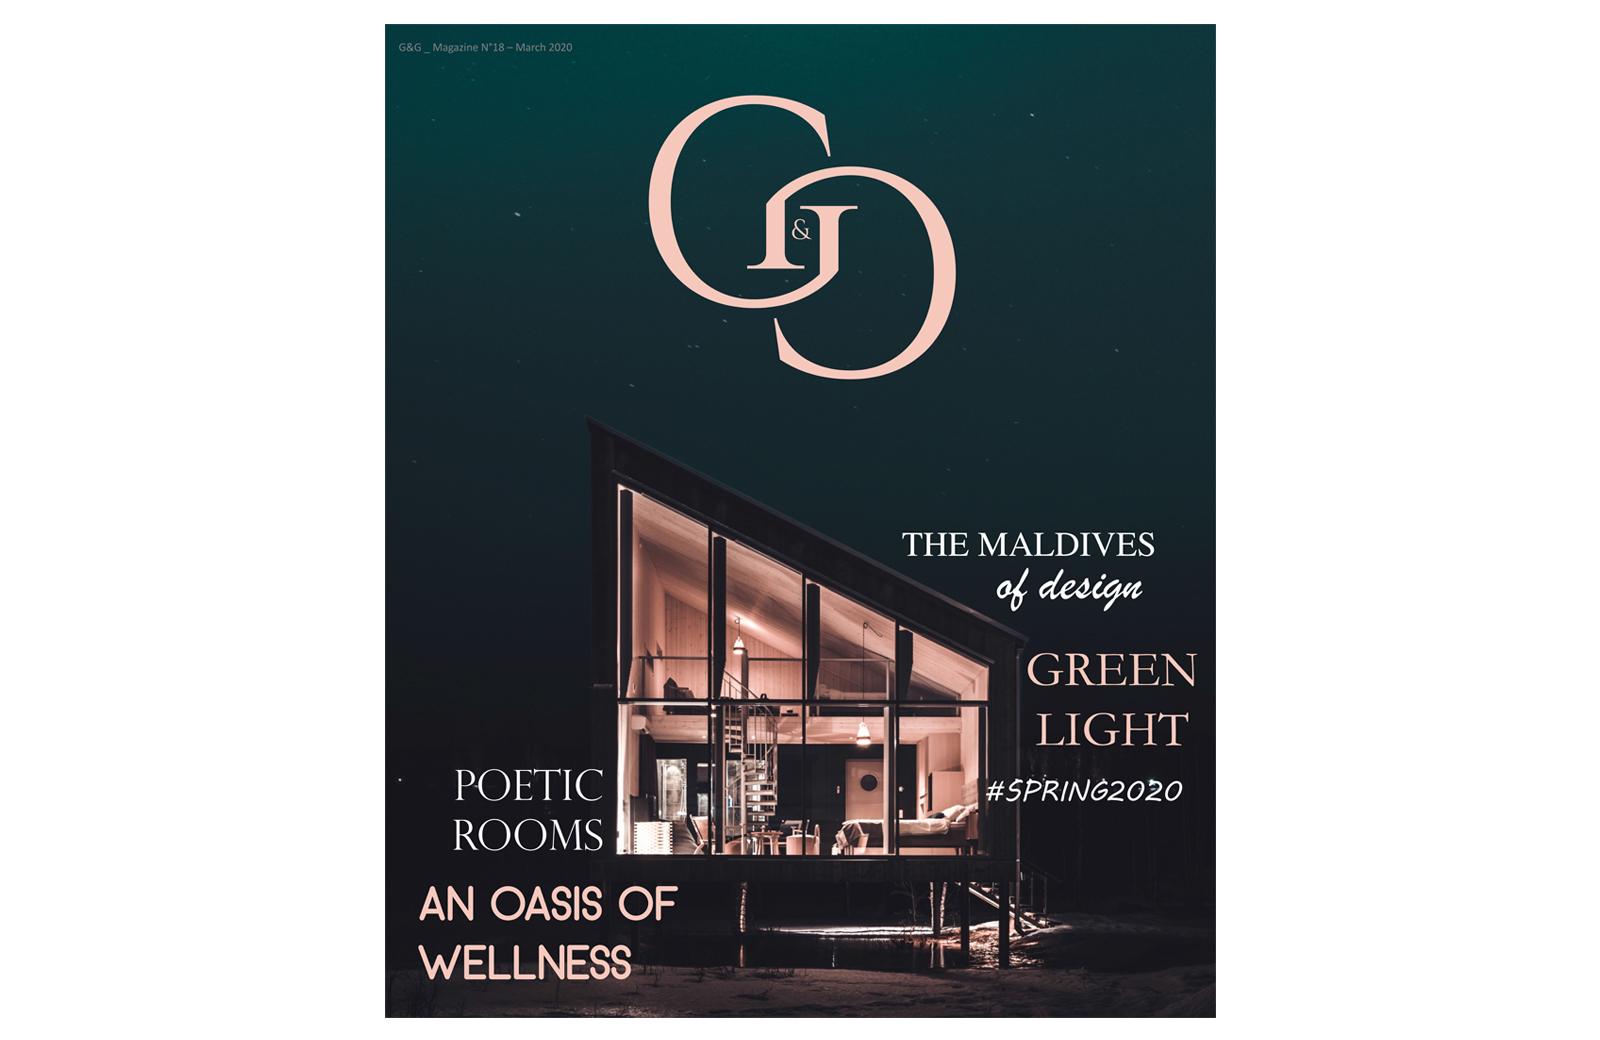 gg-magazine_bookcover-1600x1040